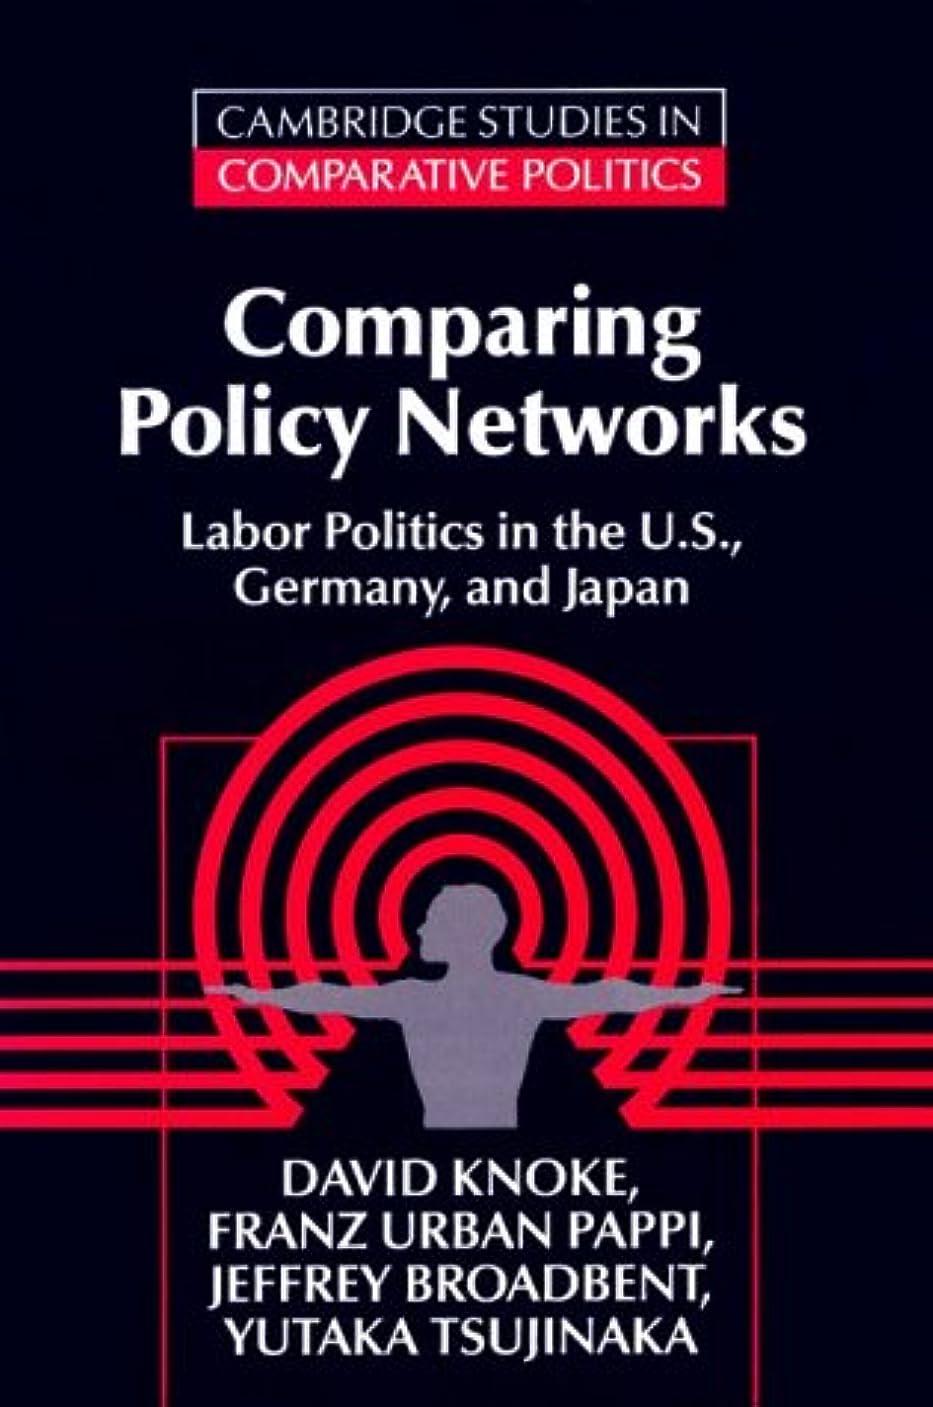 特権的天窓試用Comparing Policy Networks: Labor Politics in the U.S., Germany, and Japan (Cambridge Studies in Comparative Politics)